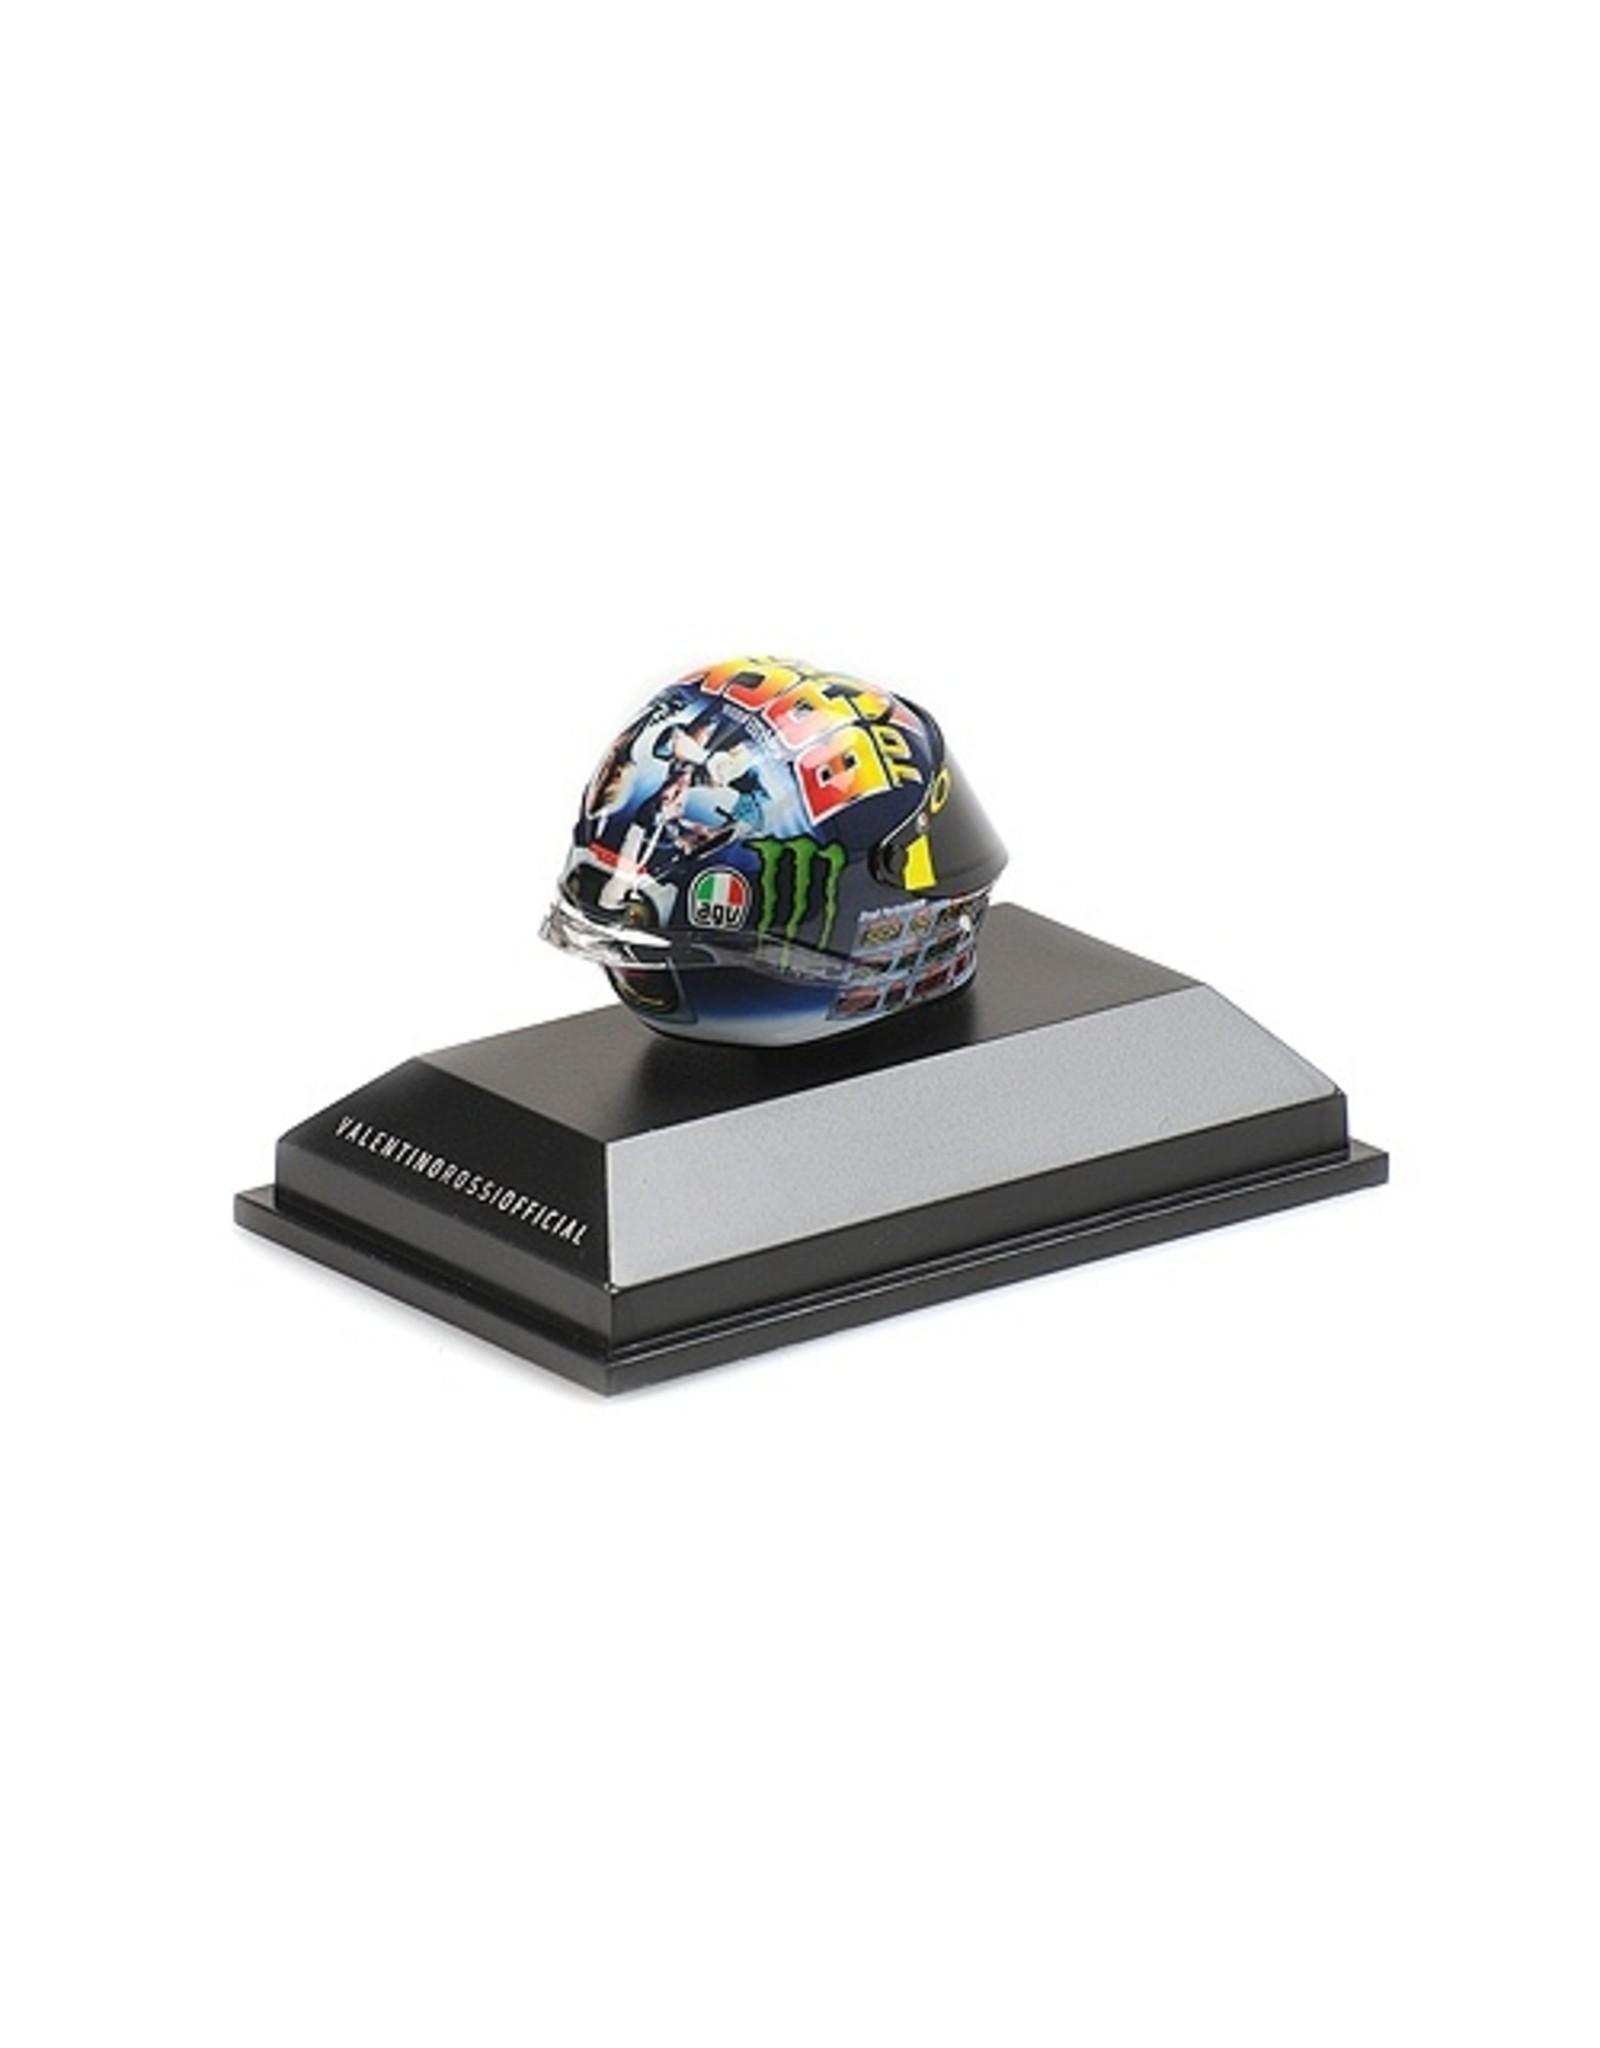 Helm AGV Helmet  V. Rossi MotoGP Misano 2018 - 1:8 - Minichamps